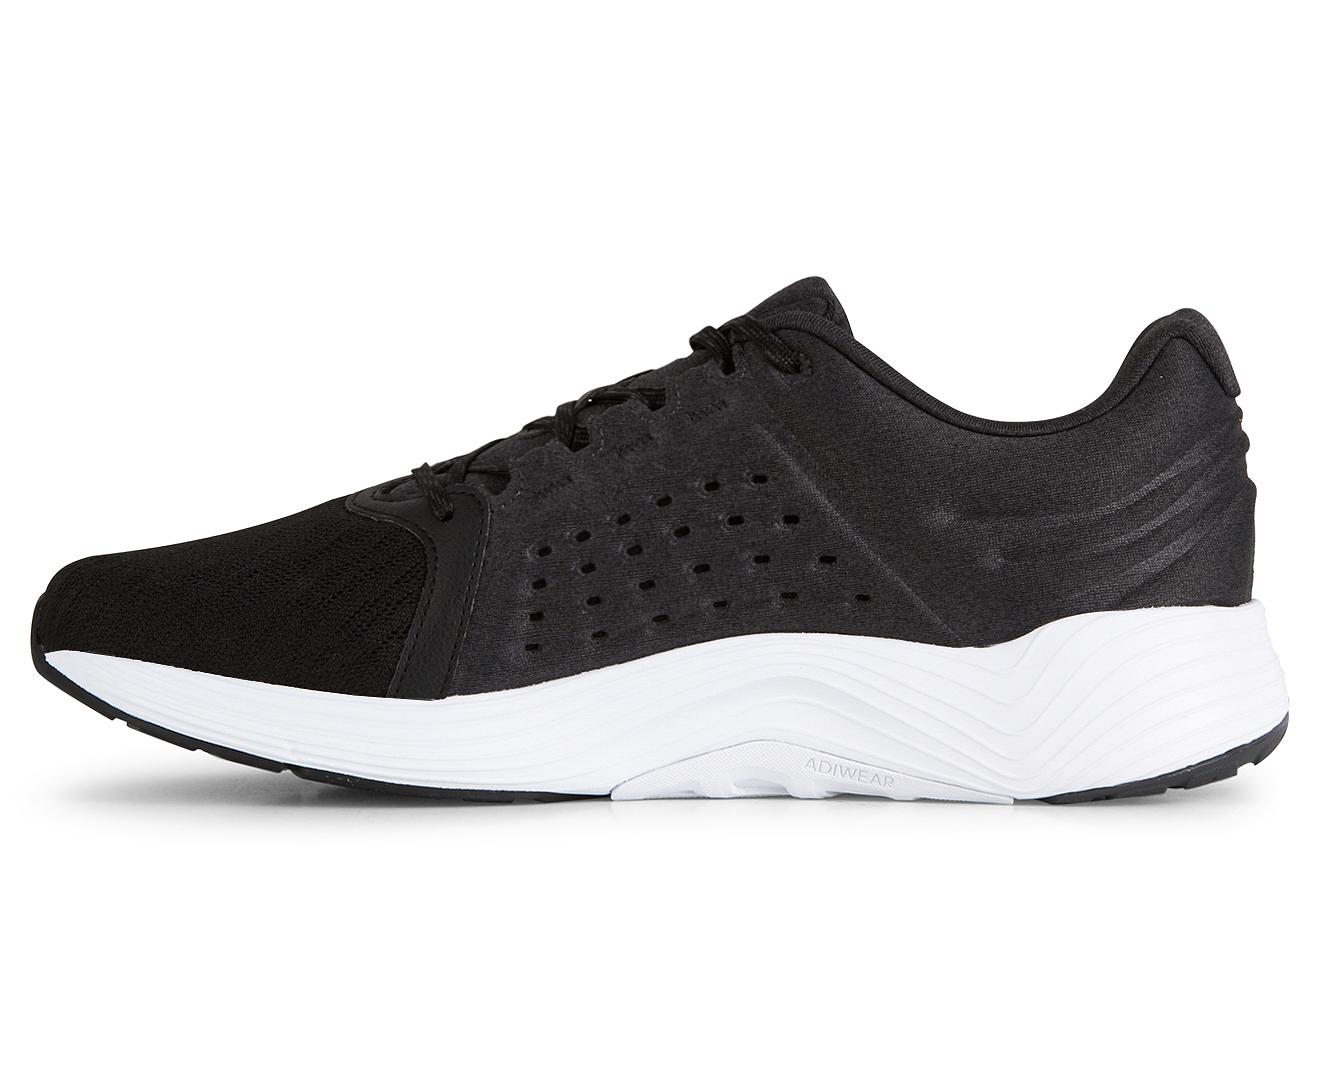 Adidas uomini è liquido nuvola scarpa da corsa / argento metallico nero / bianco